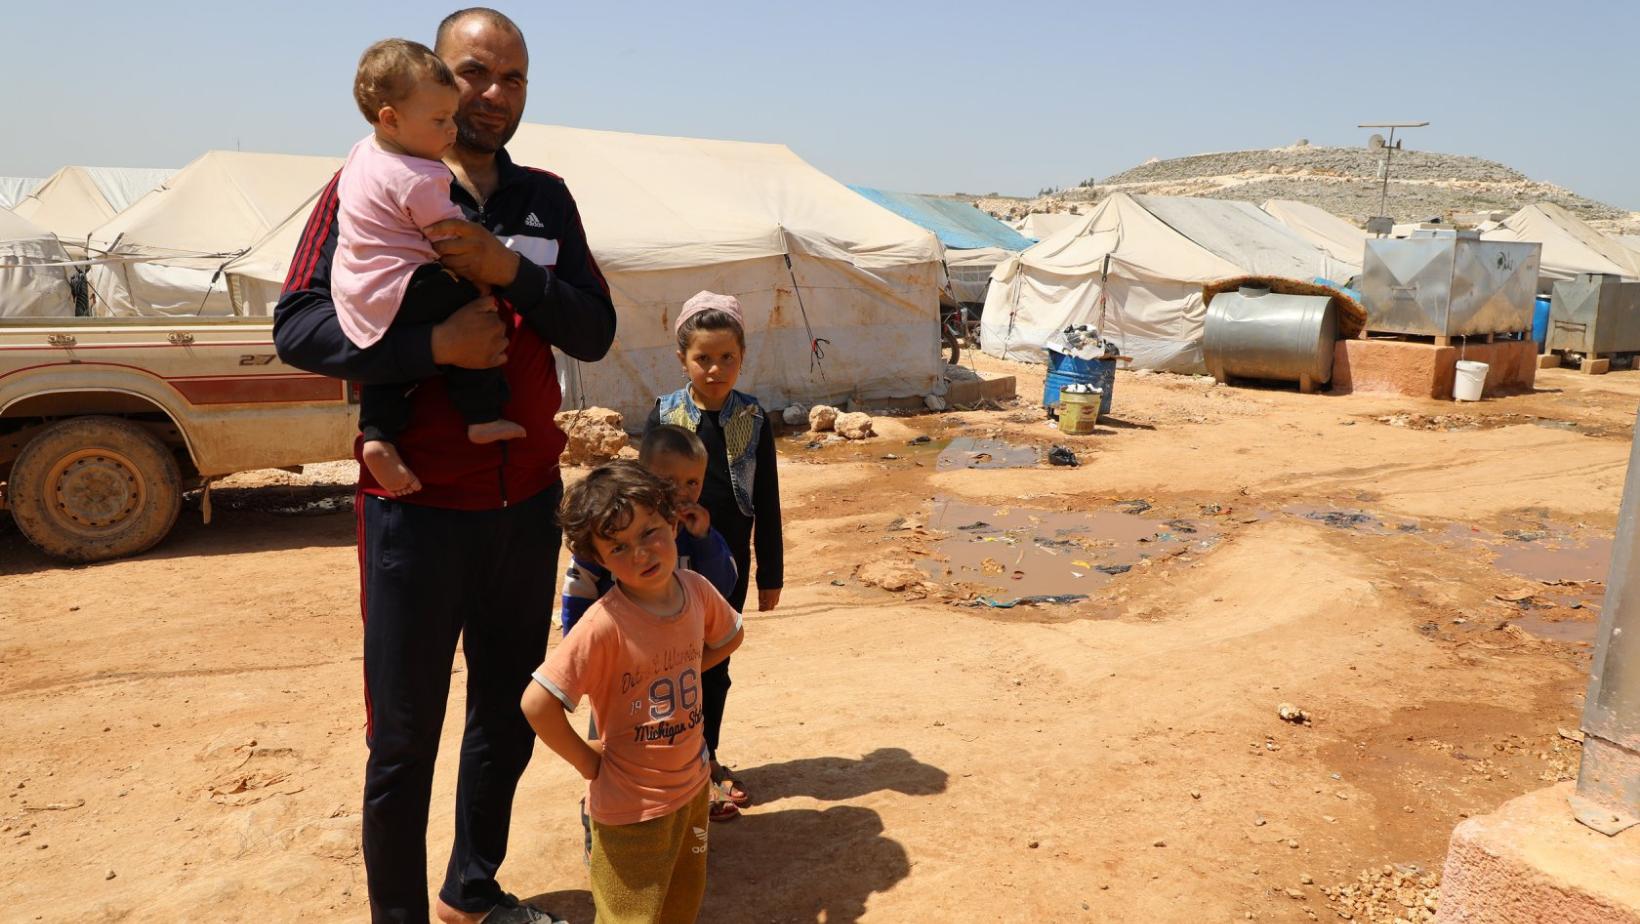 Ahmad et sa famille, confiné dans leur tente